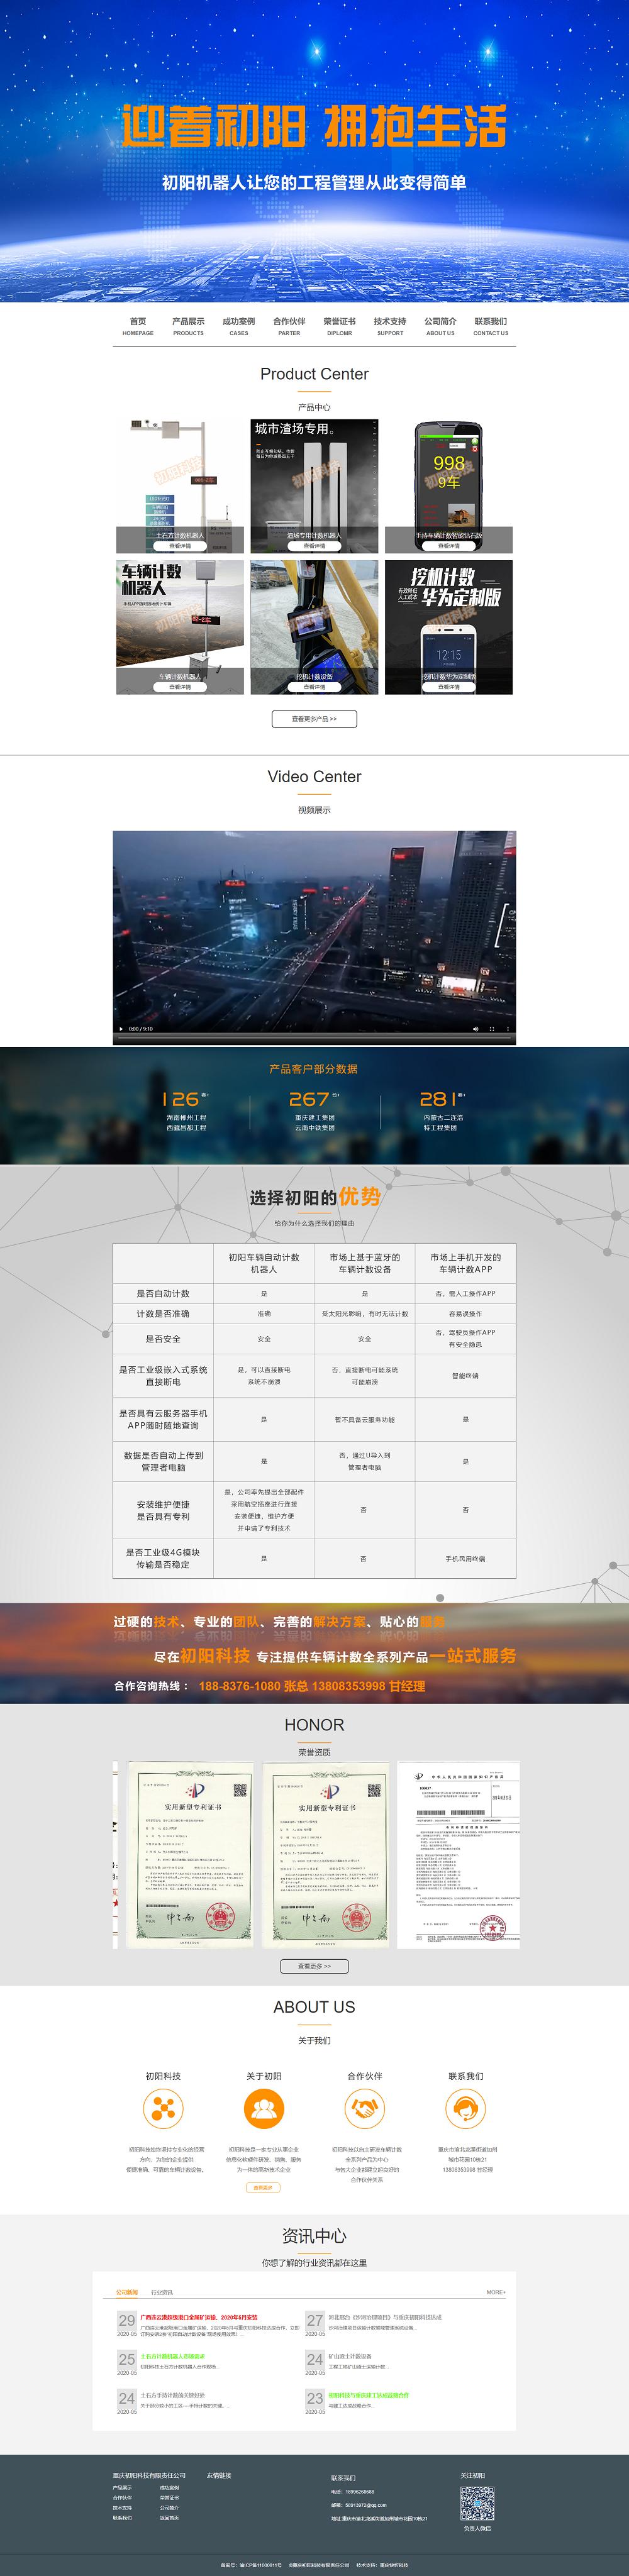 重庆初阳科技有限公司网站建设案例